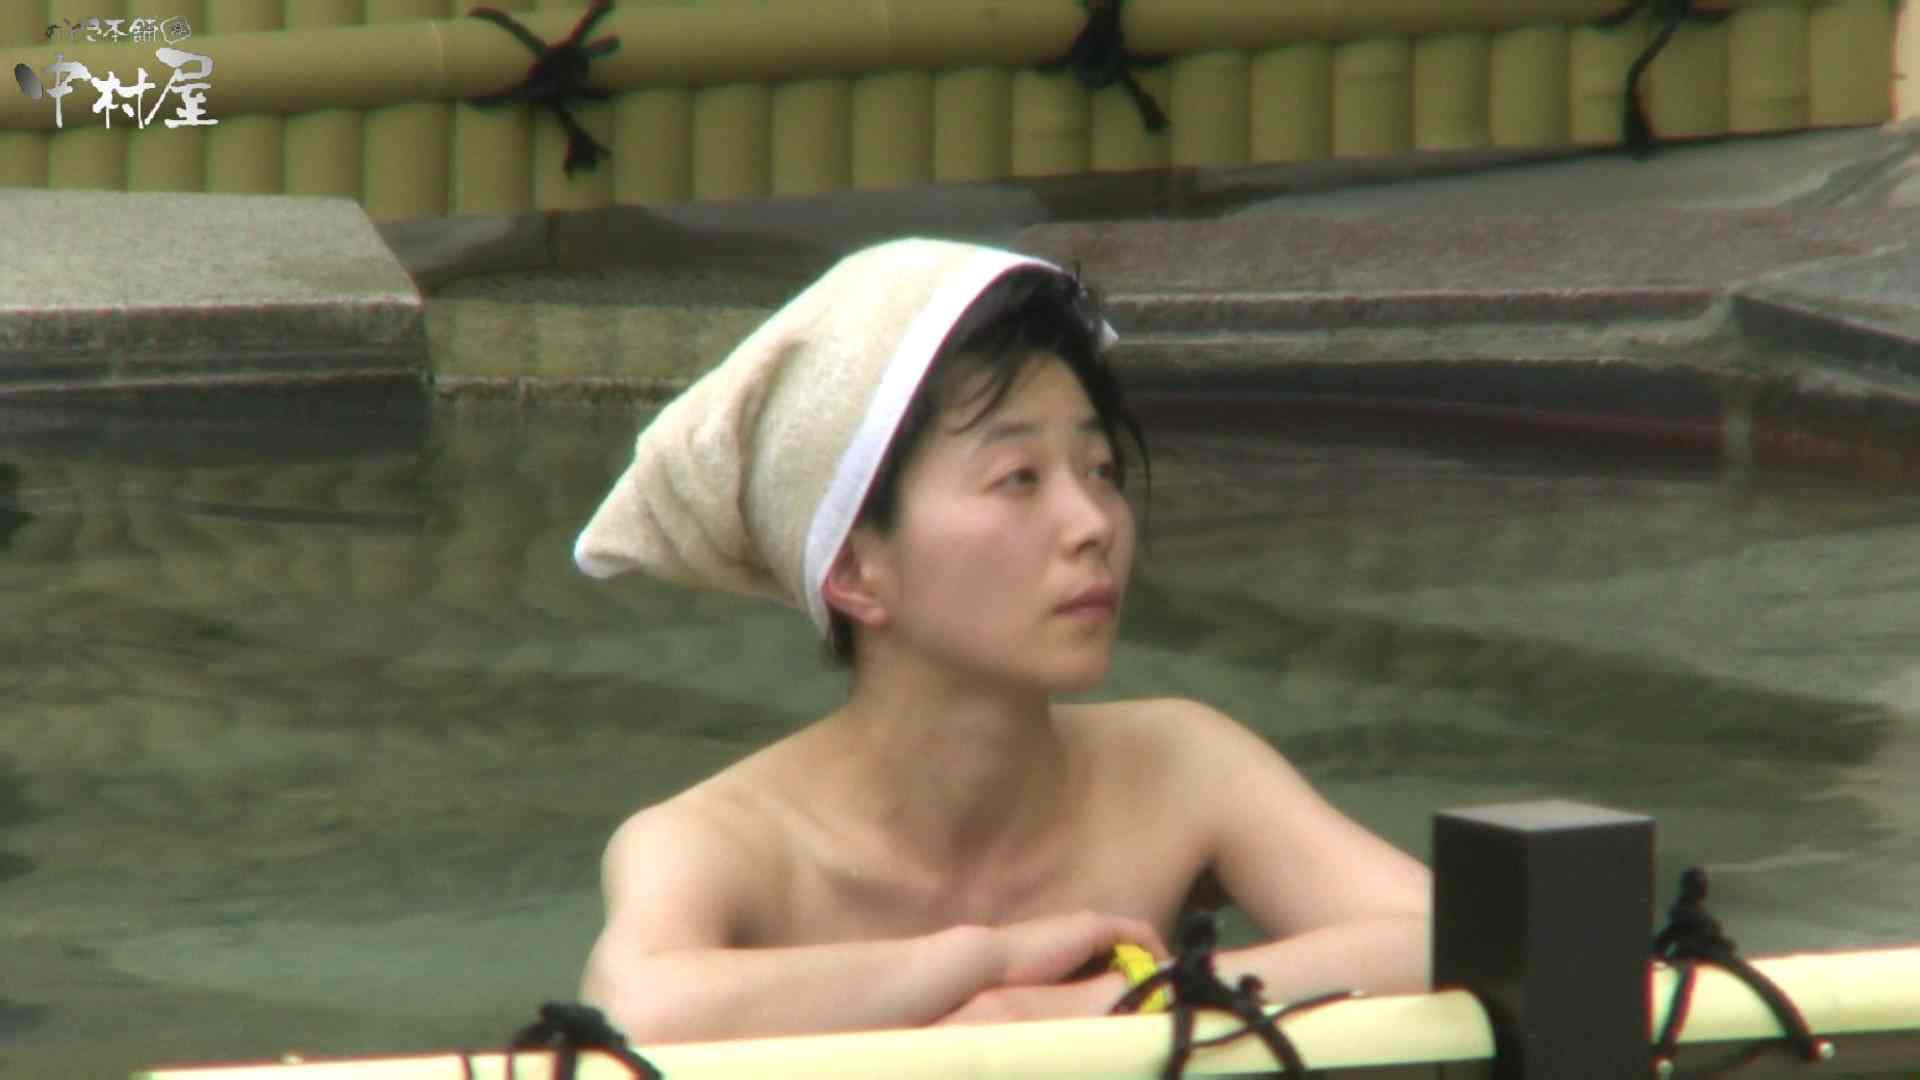 Aquaな露天風呂Vol.950 OLのエロ生活 覗きおまんこ画像 107連発 83